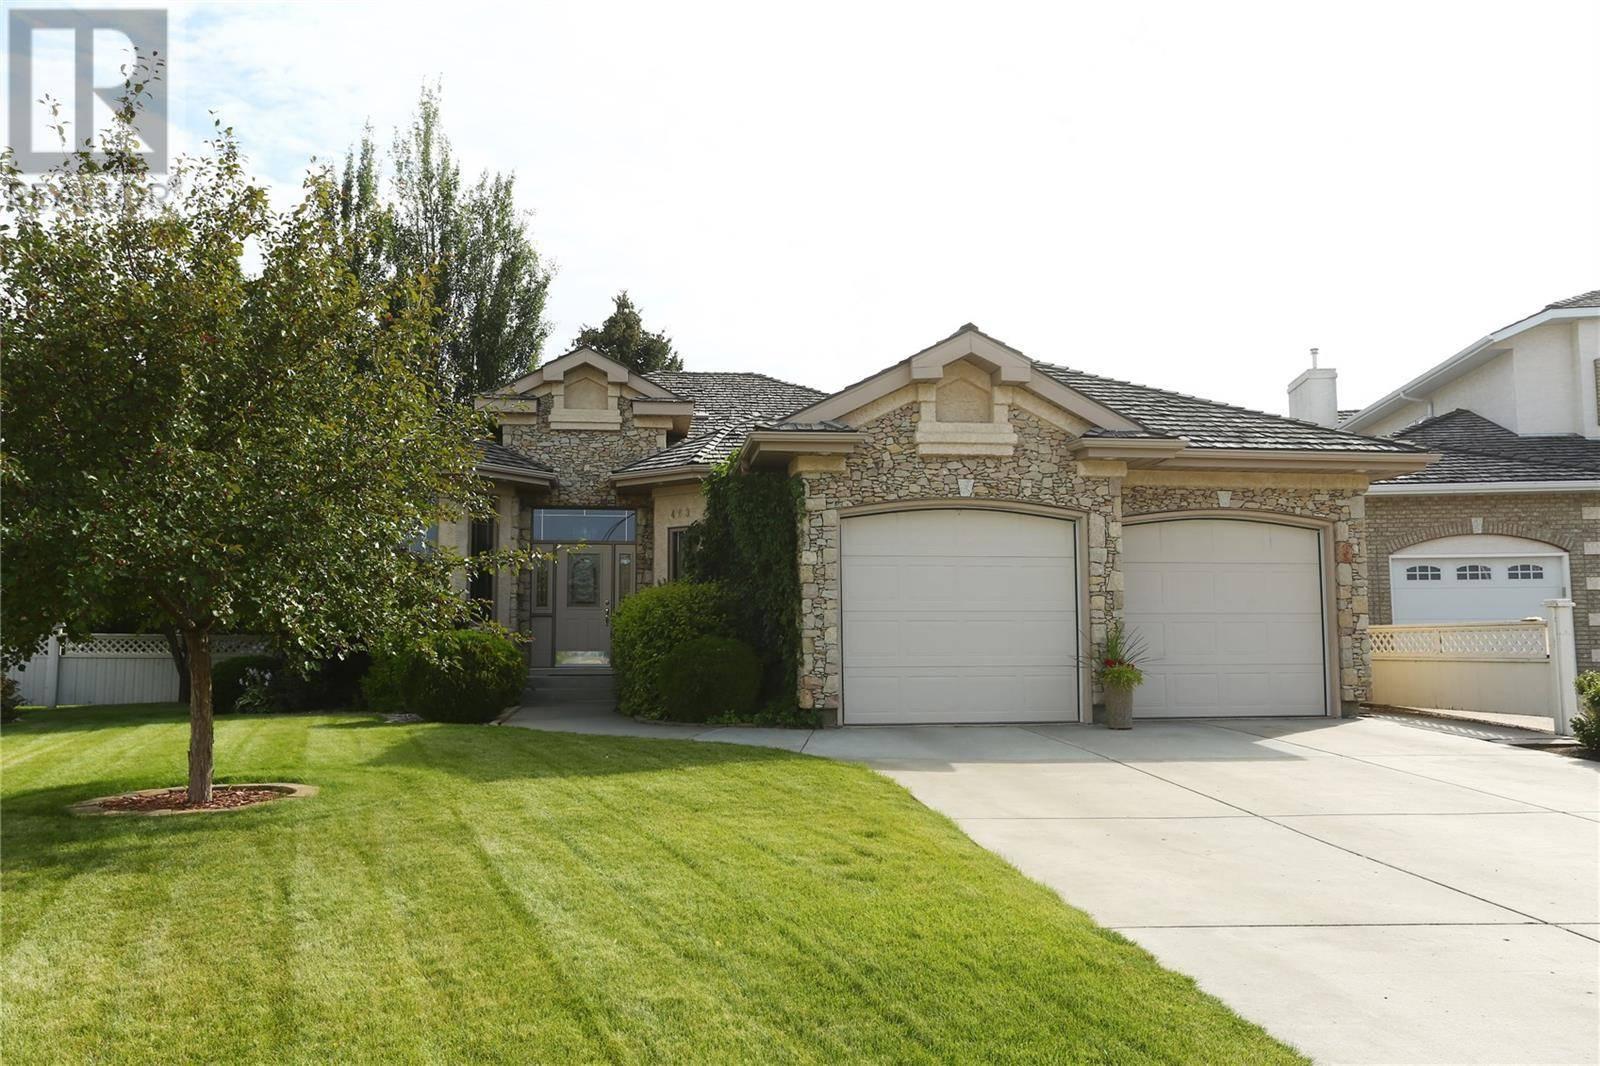 House for sale at 403 Chotem Ri Saskatoon Saskatchewan - MLS: SK783520